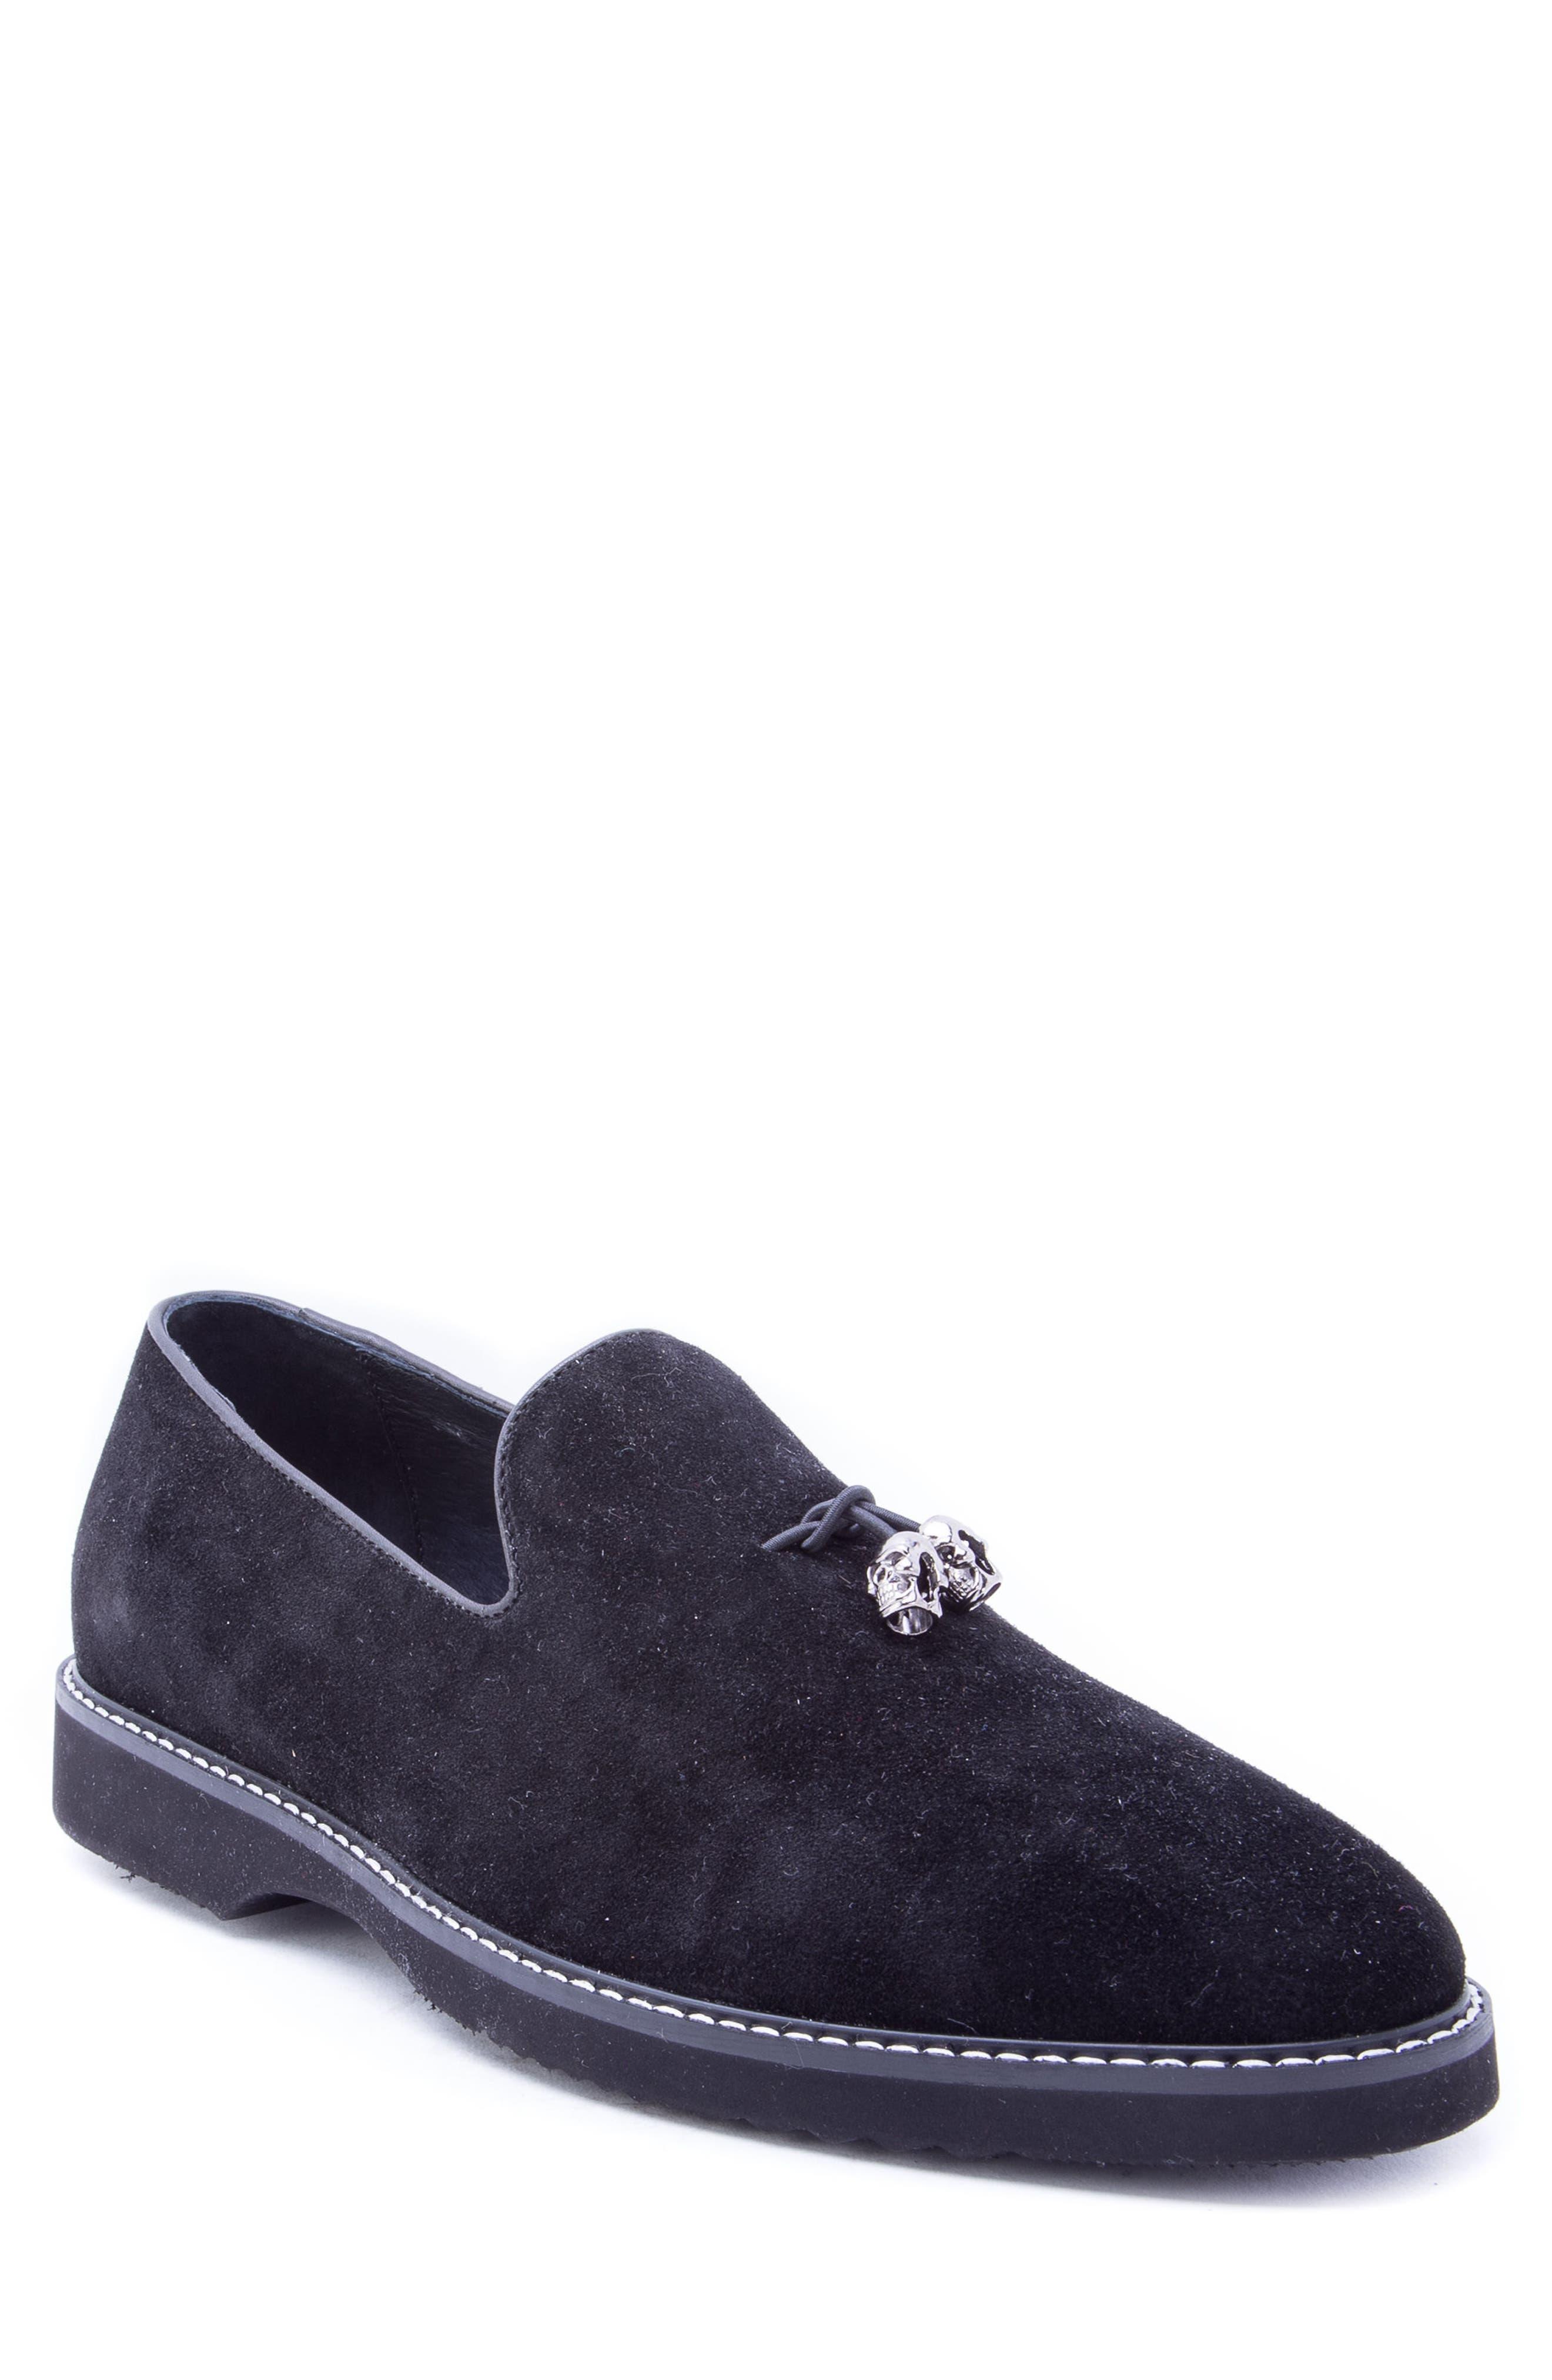 Badgley Mischka Heston Tassel Loafer,                         Main,                         color, BLACK SUEDE